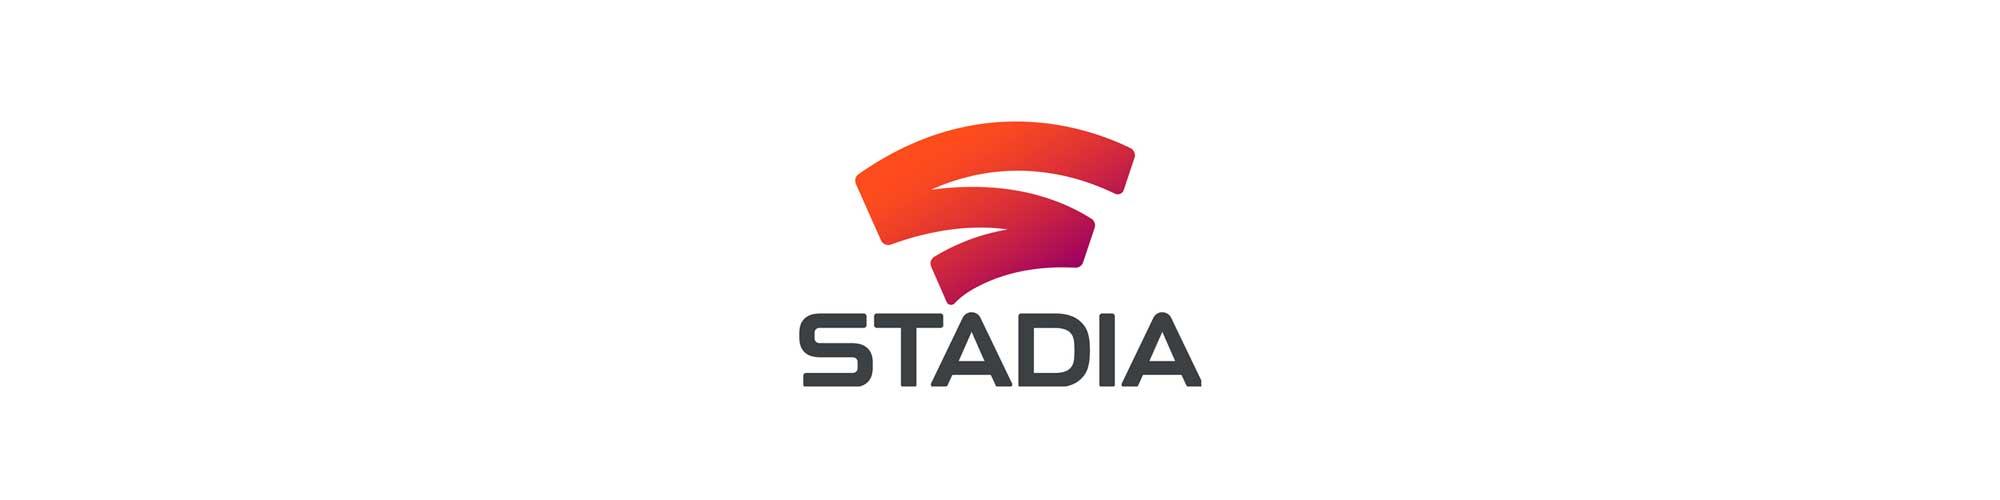 Το Δωρεάν επίπεδο (tier) της Google Stadia έρχεται σε μερικούς μήνες!